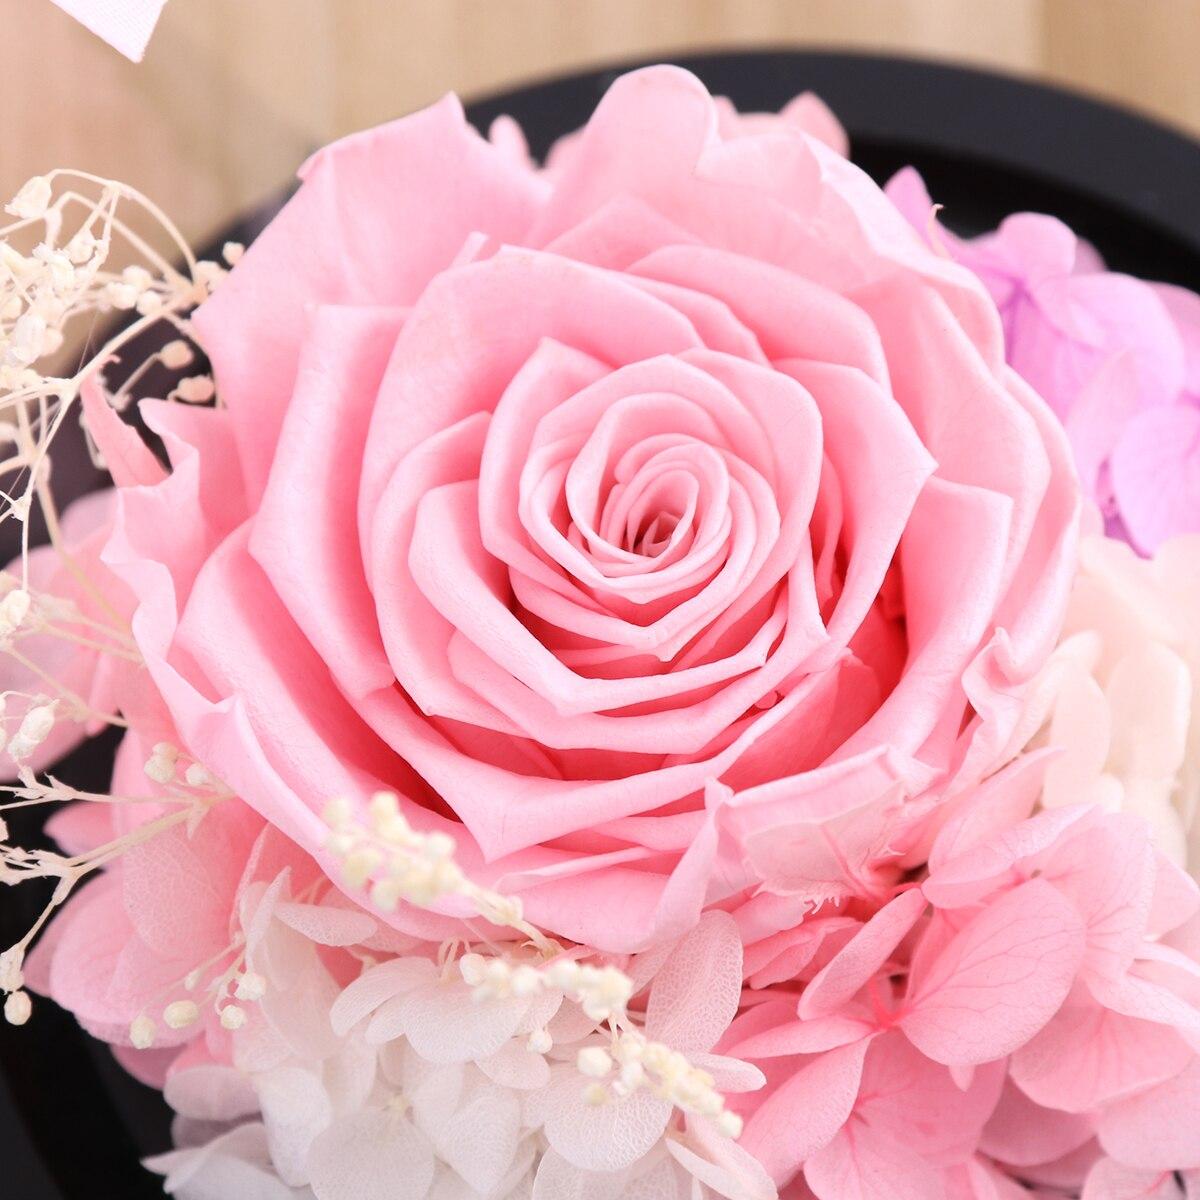 Искусственный цветок розы в четких Стекло купол для дома свадебный Декор Валентина День рождения День матери подарок для вечеринки, дня рож...